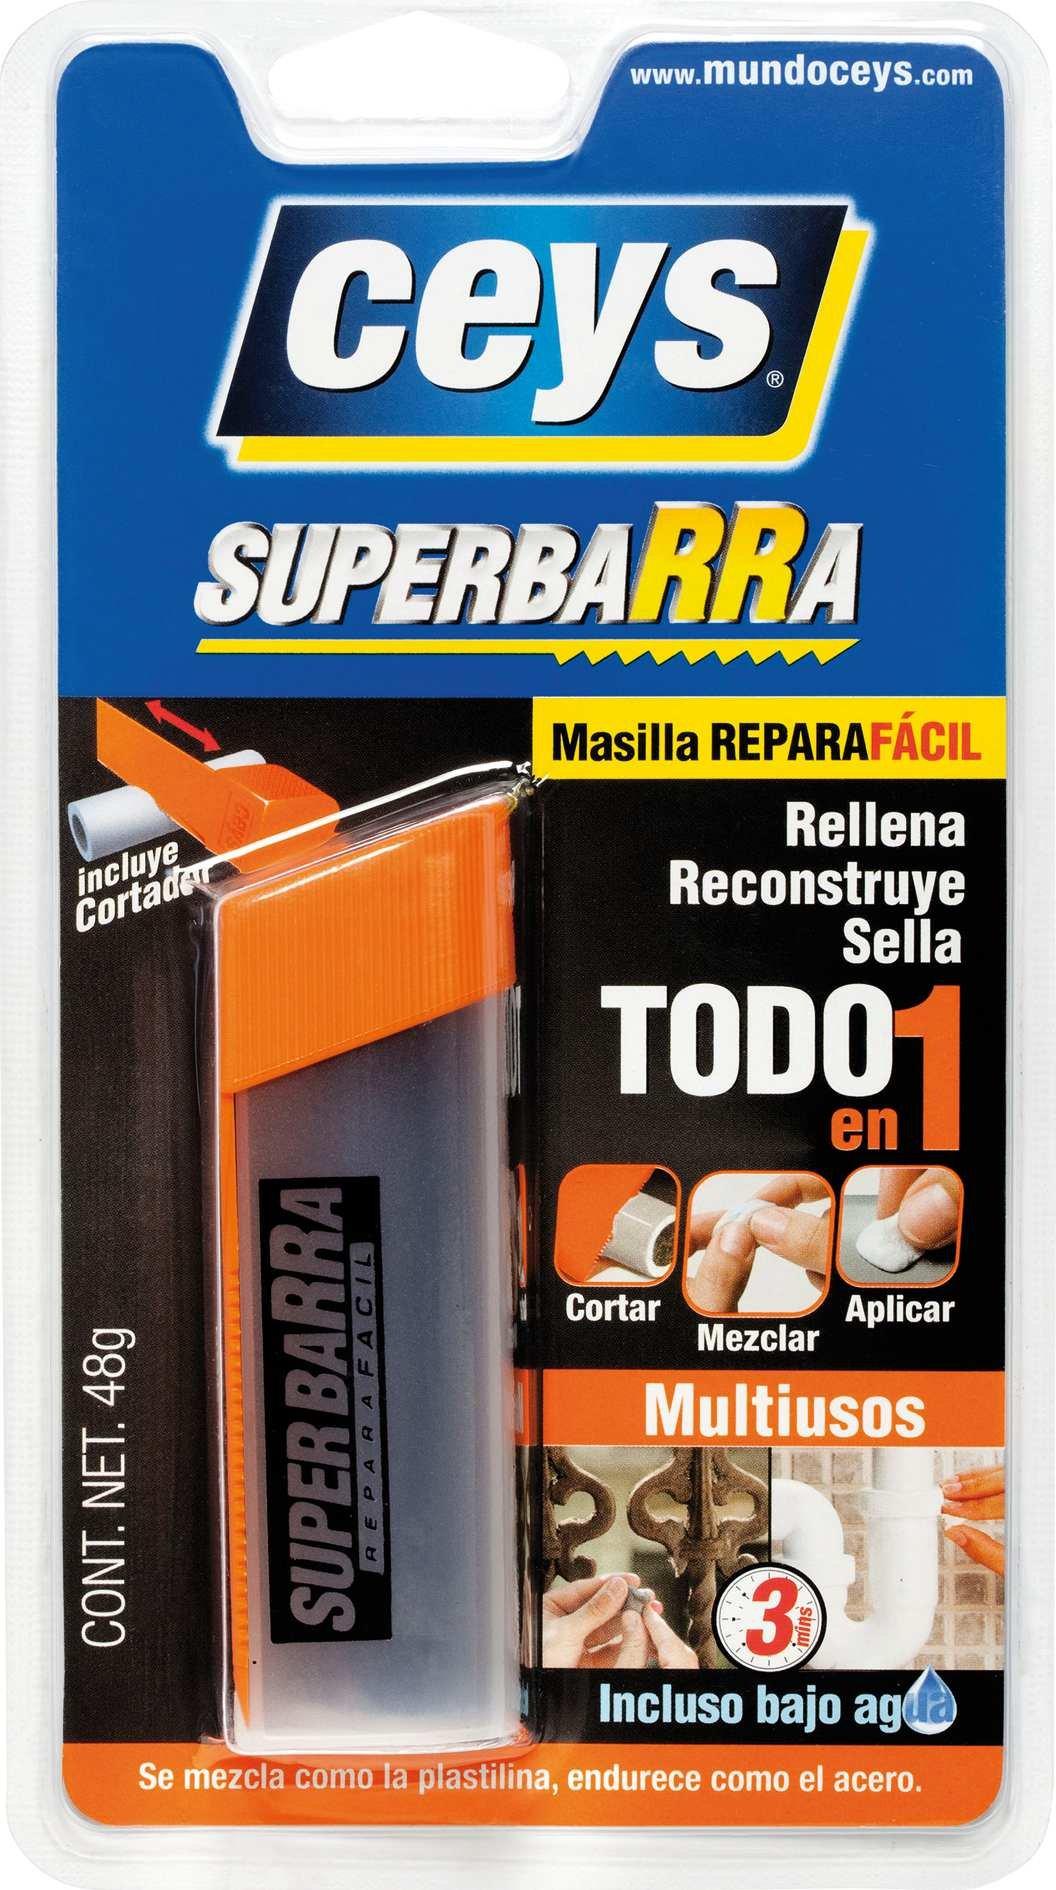 Ceys M115387 - Superbarra reparadora multiusos product image